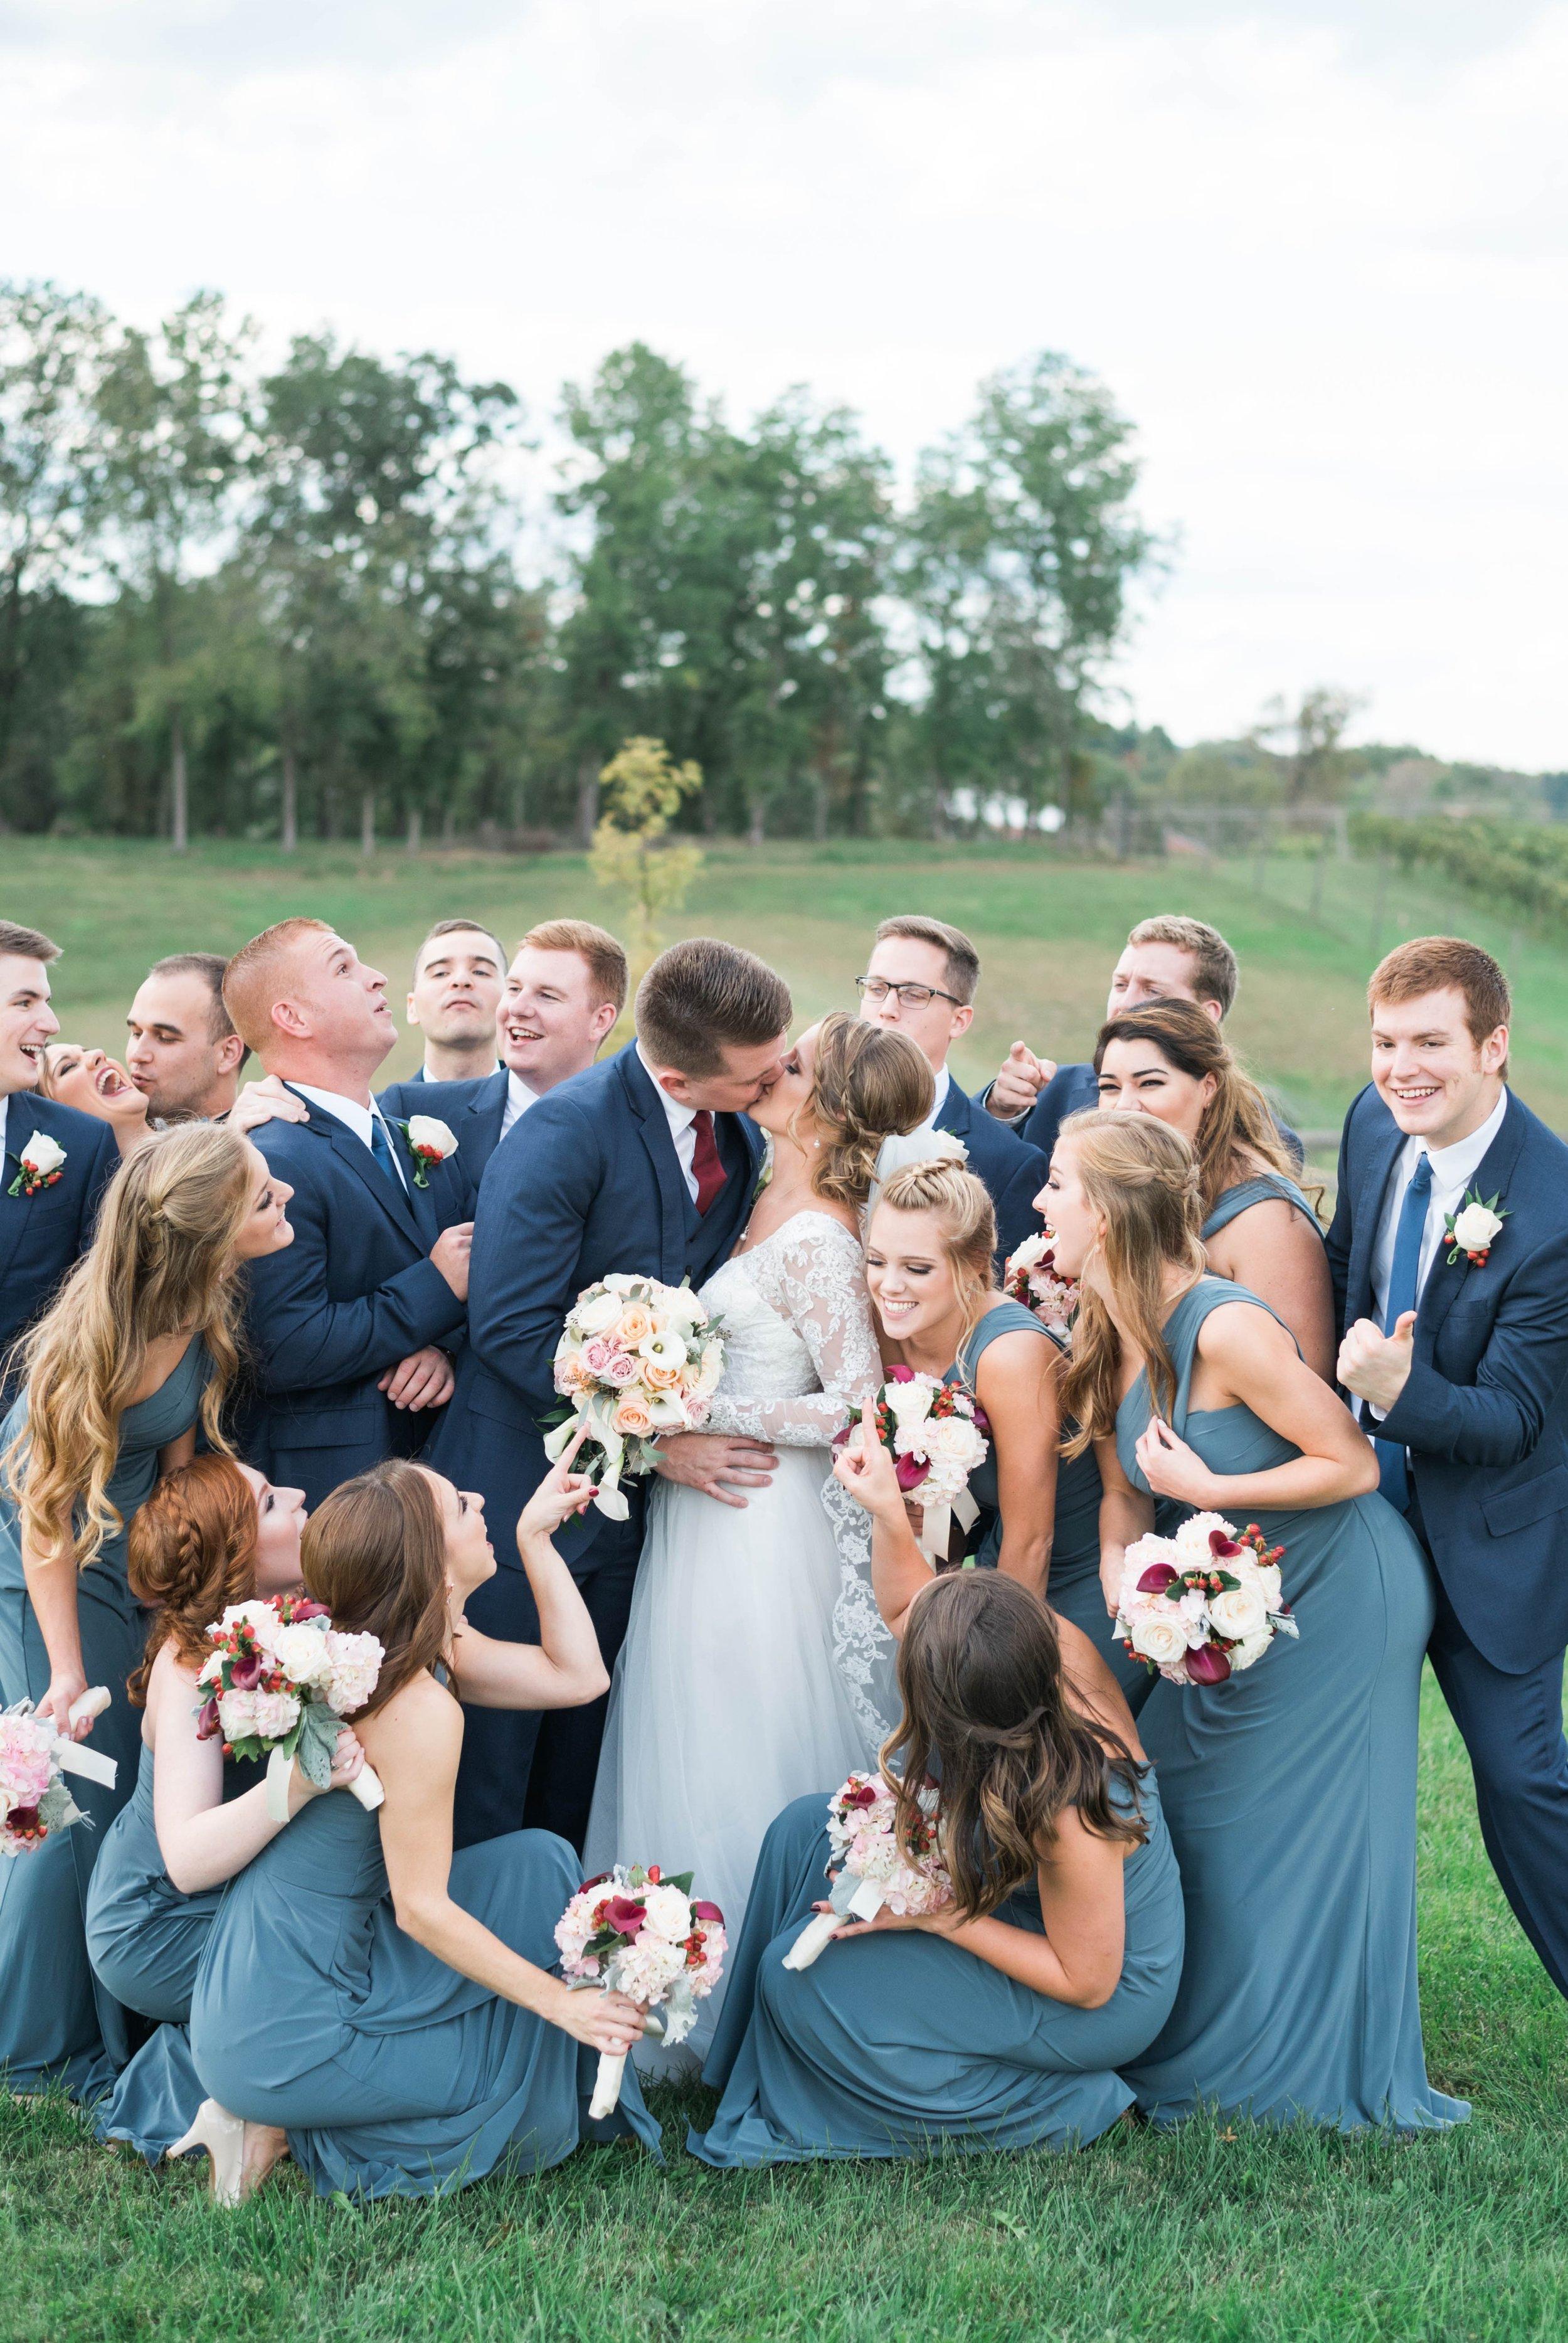 GrantElizabeth_wineryatbullrun_DCwedding_Virginiaweddingphotographer 46.jpg